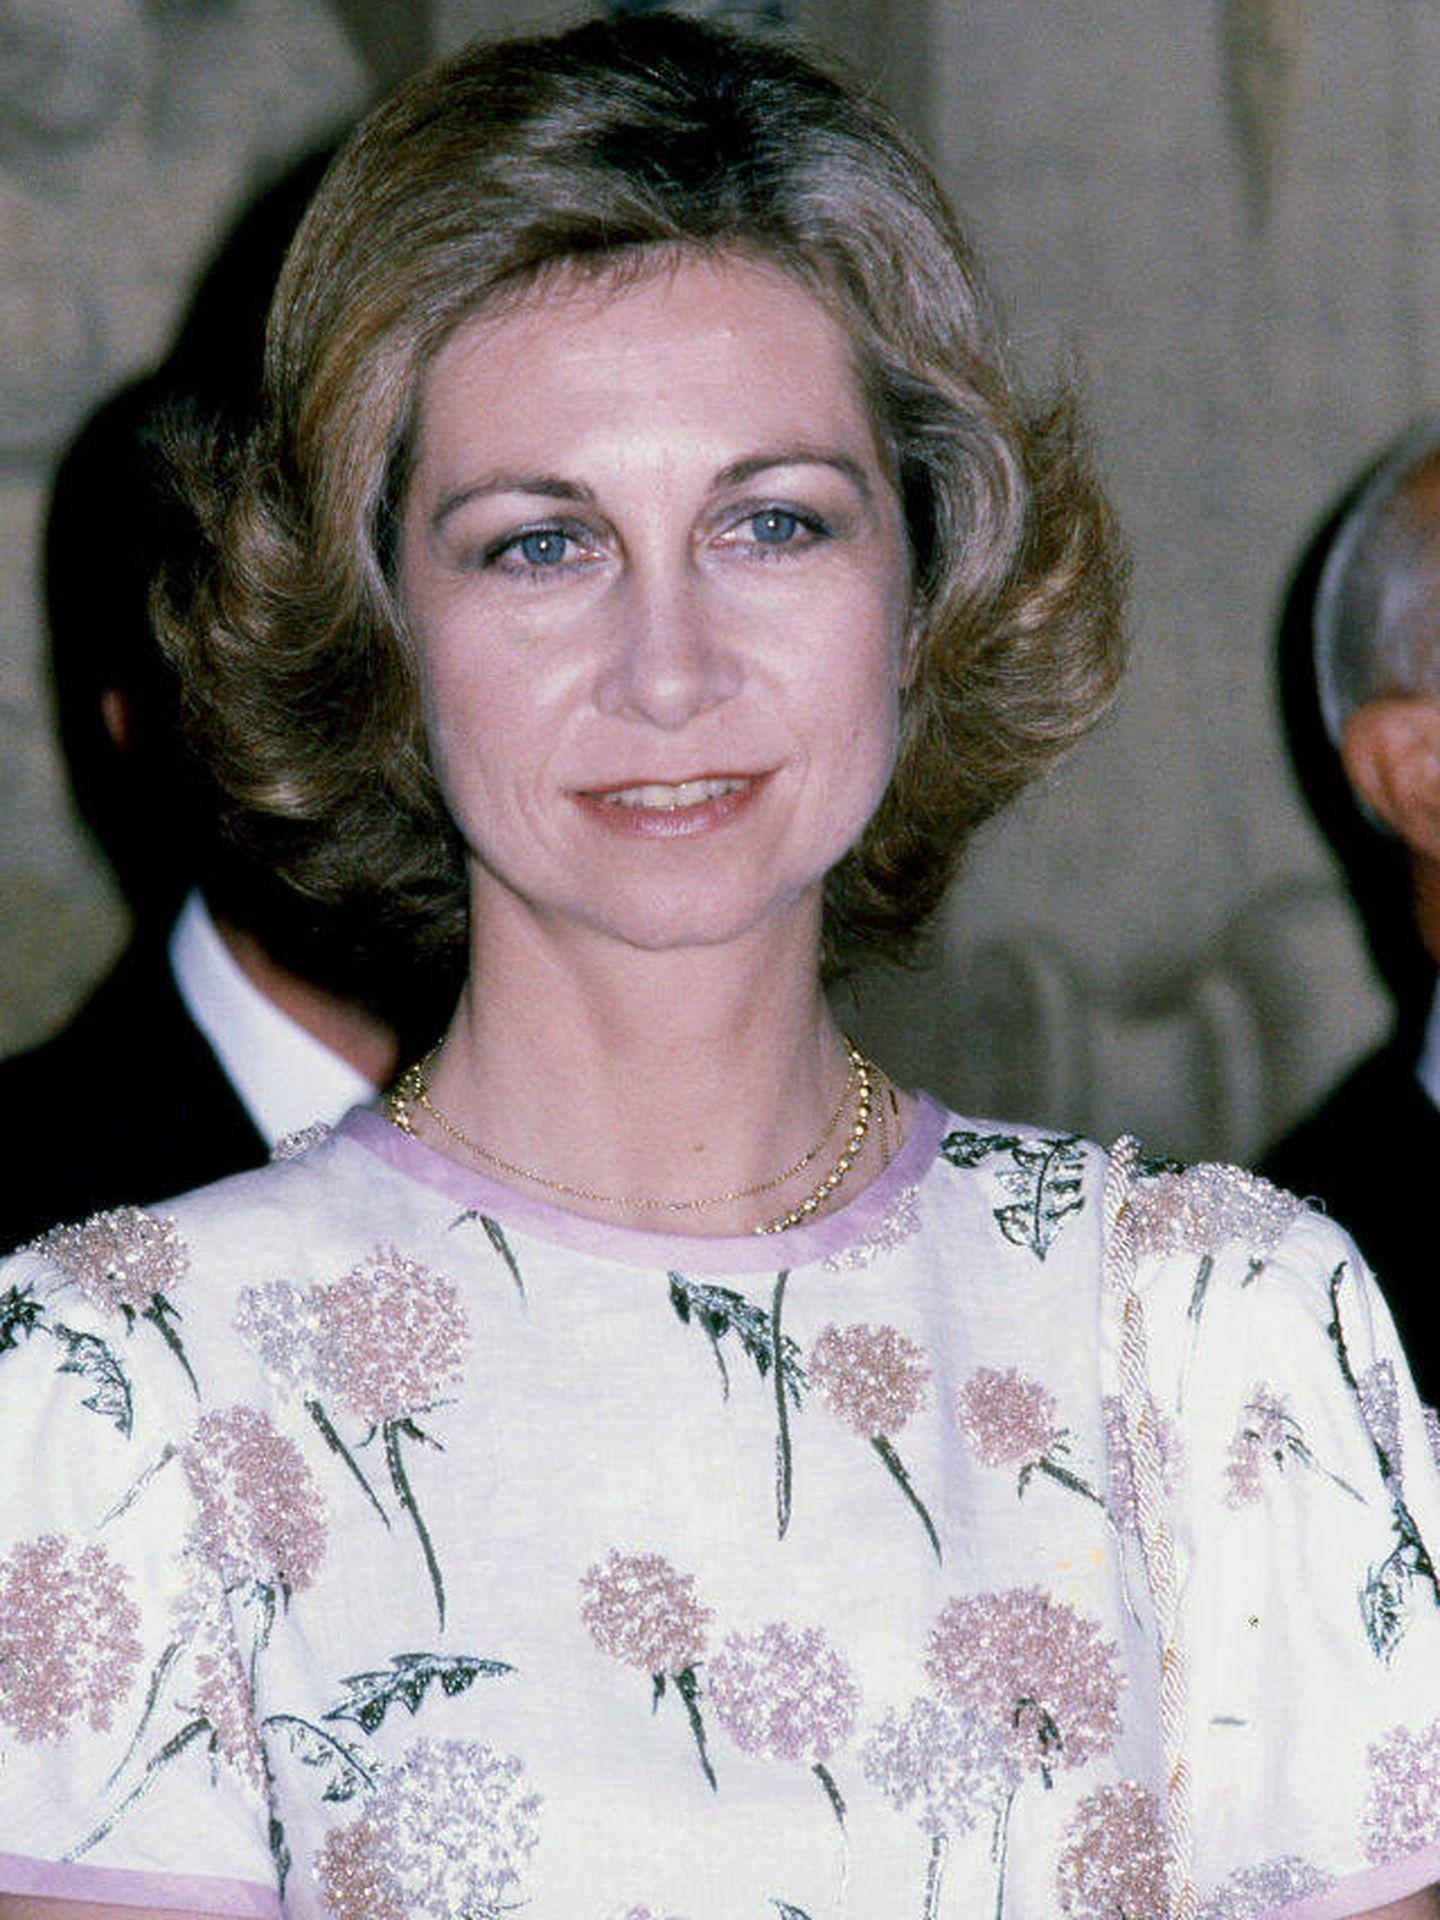 La reina Sofía, con el vestido que ahora luce Letizia. (Getty)